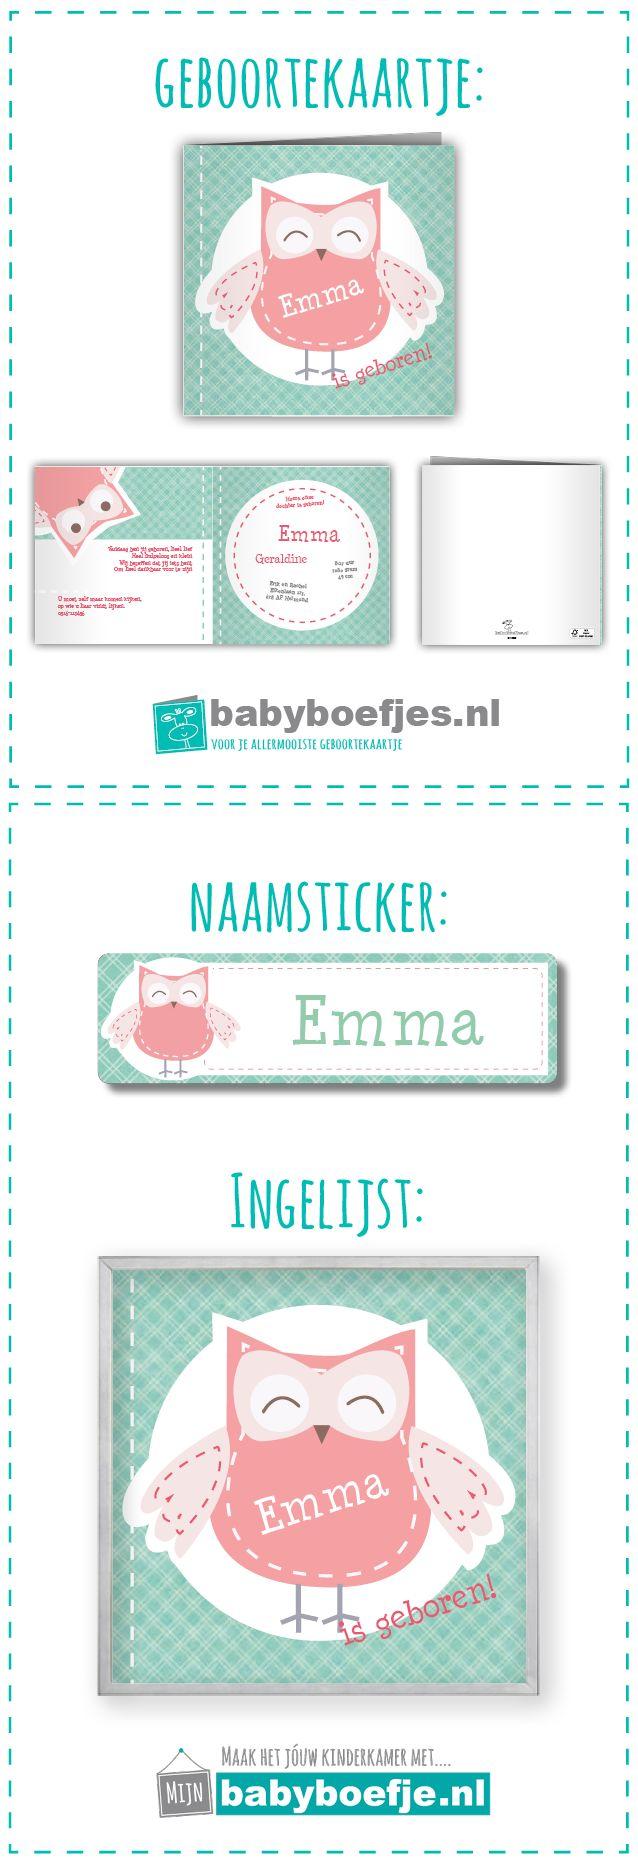 #geboortekaartjes #naamsticker #wanddecoratie #babykamer #meisje #mintgroen #uiltje. In dezelfde stijl als je geboortekaartje bieden wij ook naamstickers en een ingelijst ontwerp aan. Op deze manier kun je in dezelfde stijl je babykamer nog verder opvrolijken. De geboortekaartjes zijn verkrijgbaar op www.babyboefjes.nl. De naamstickers en wanddecoratie op www.mijnbabyboefje.nl